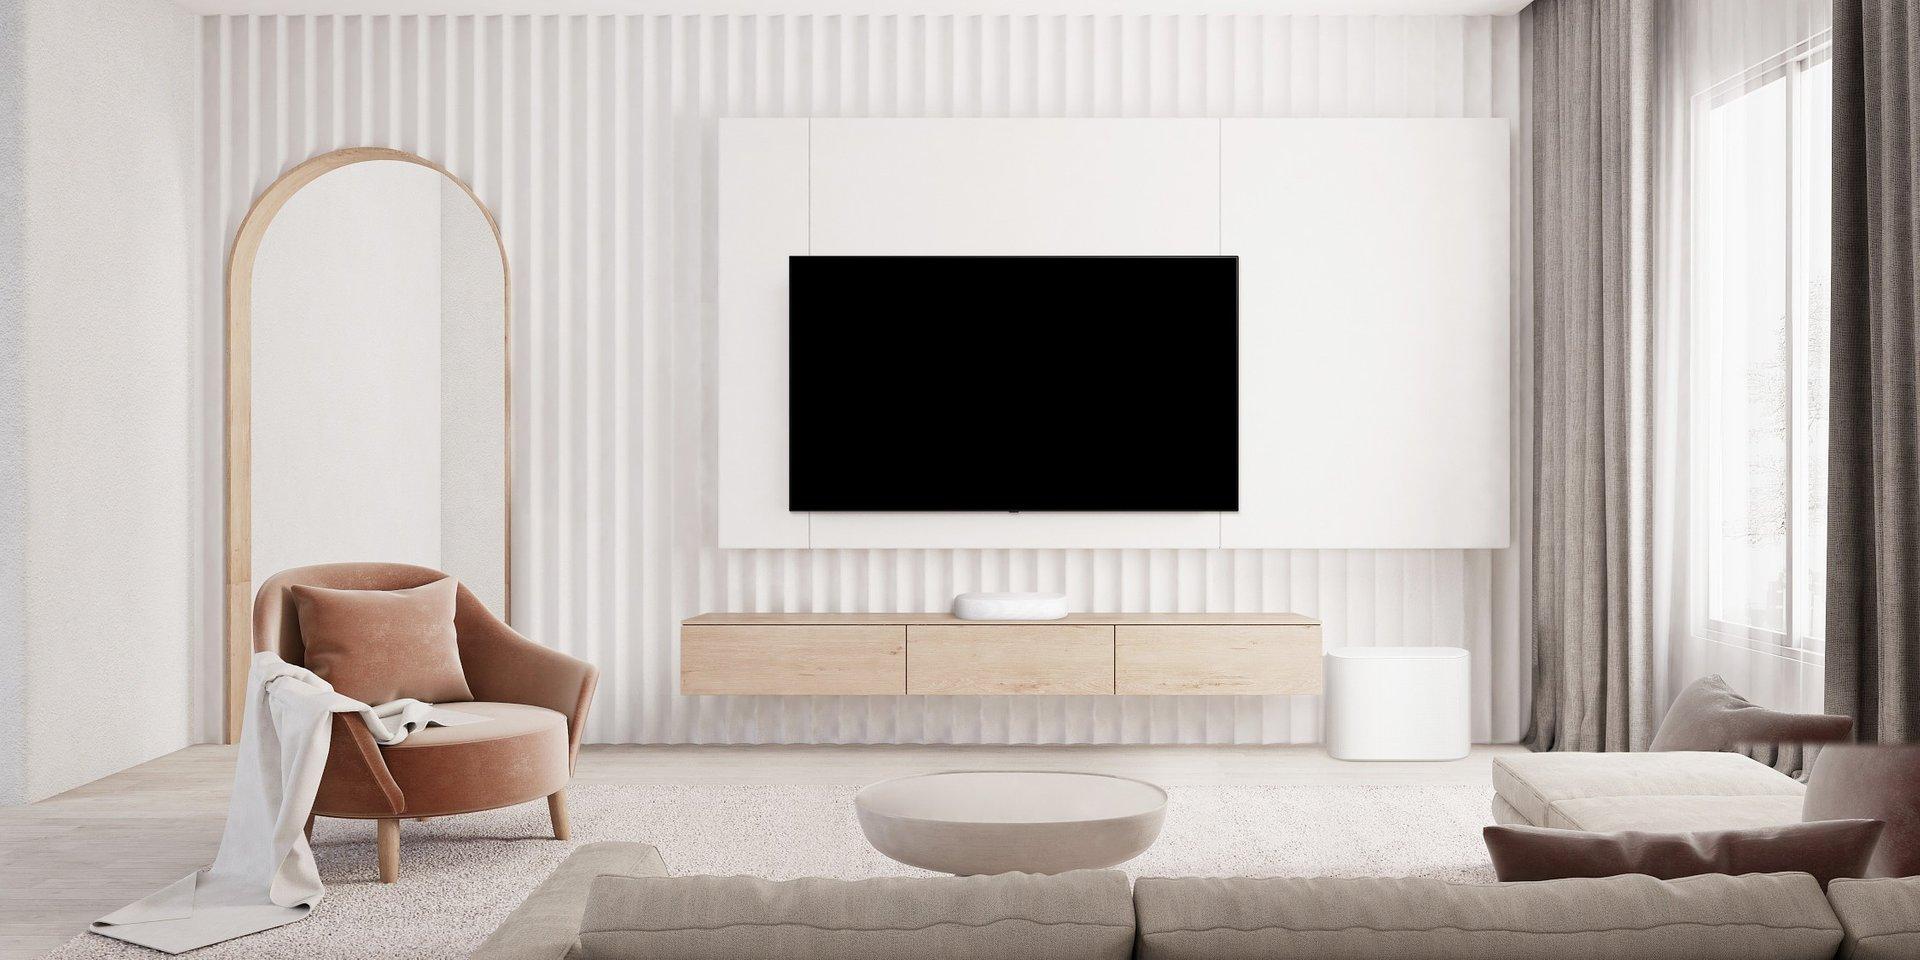 Najbardziej kompaktowy soundbar firmy LG wypełnia dźwiękiem całe wnętrze, zapewniając satysfakcję miłośnikom filmów i muzyki na całym świecie